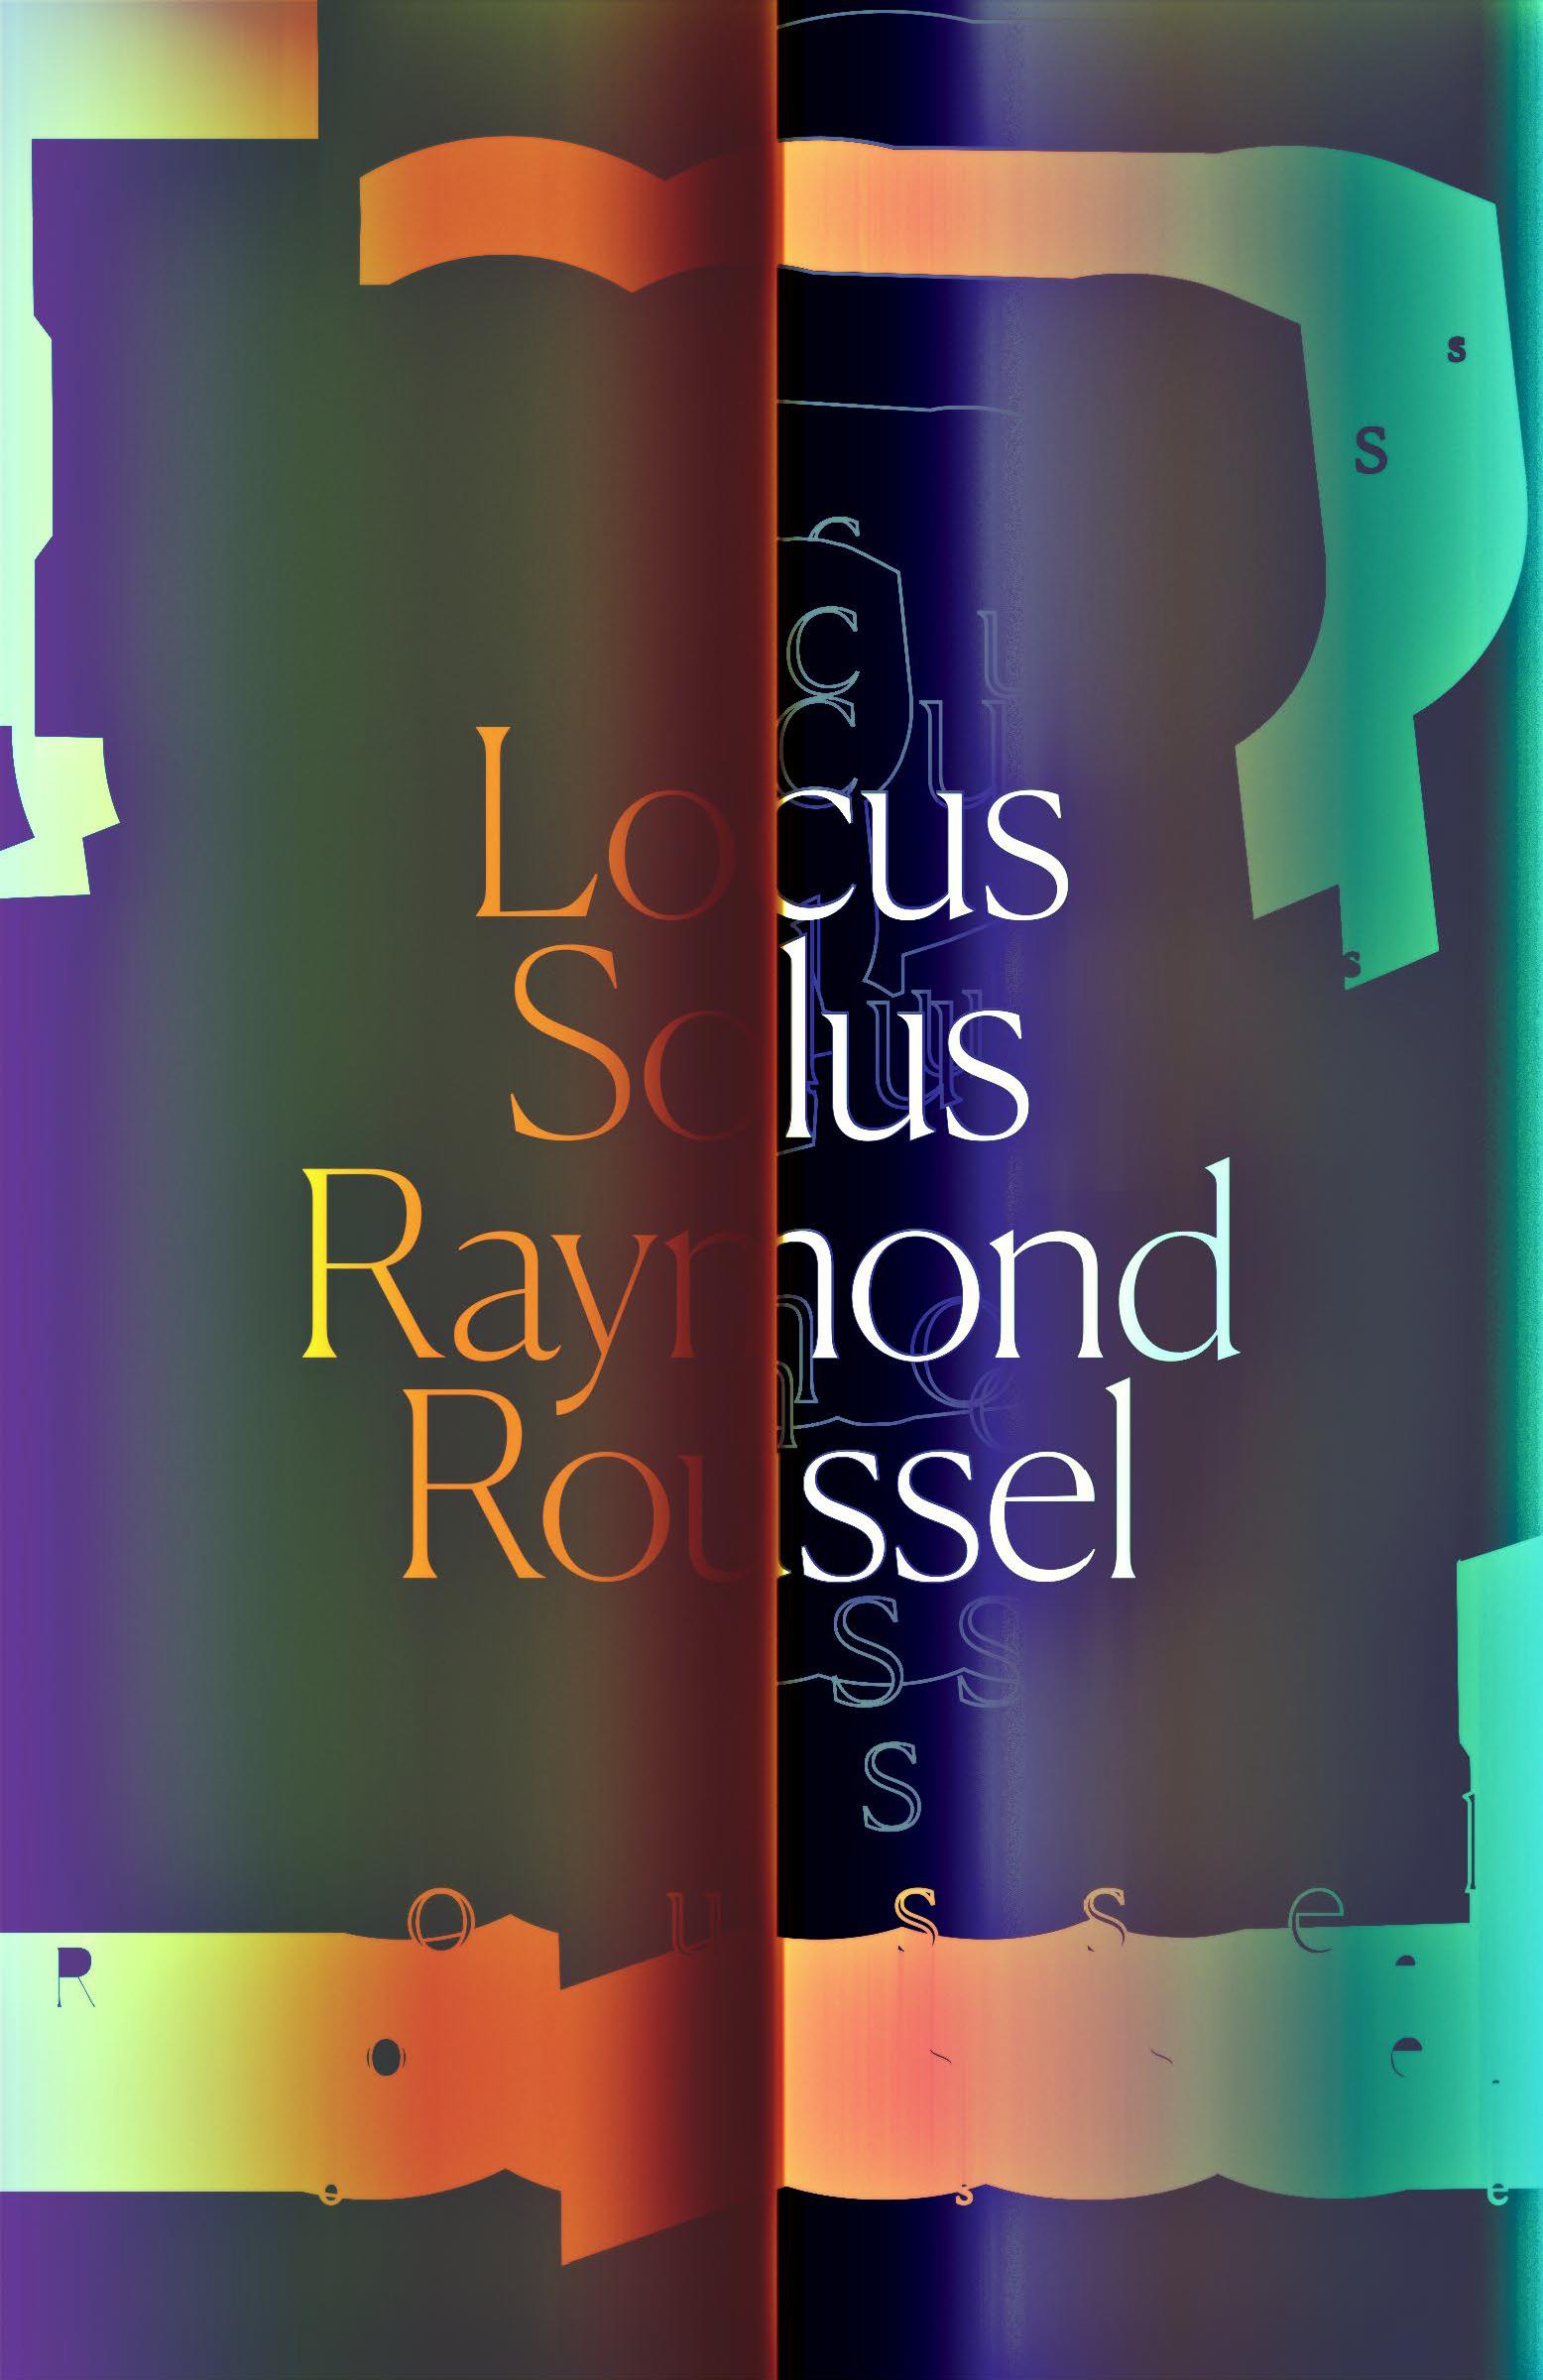 LocusSolus_Comps_Round1-3.png